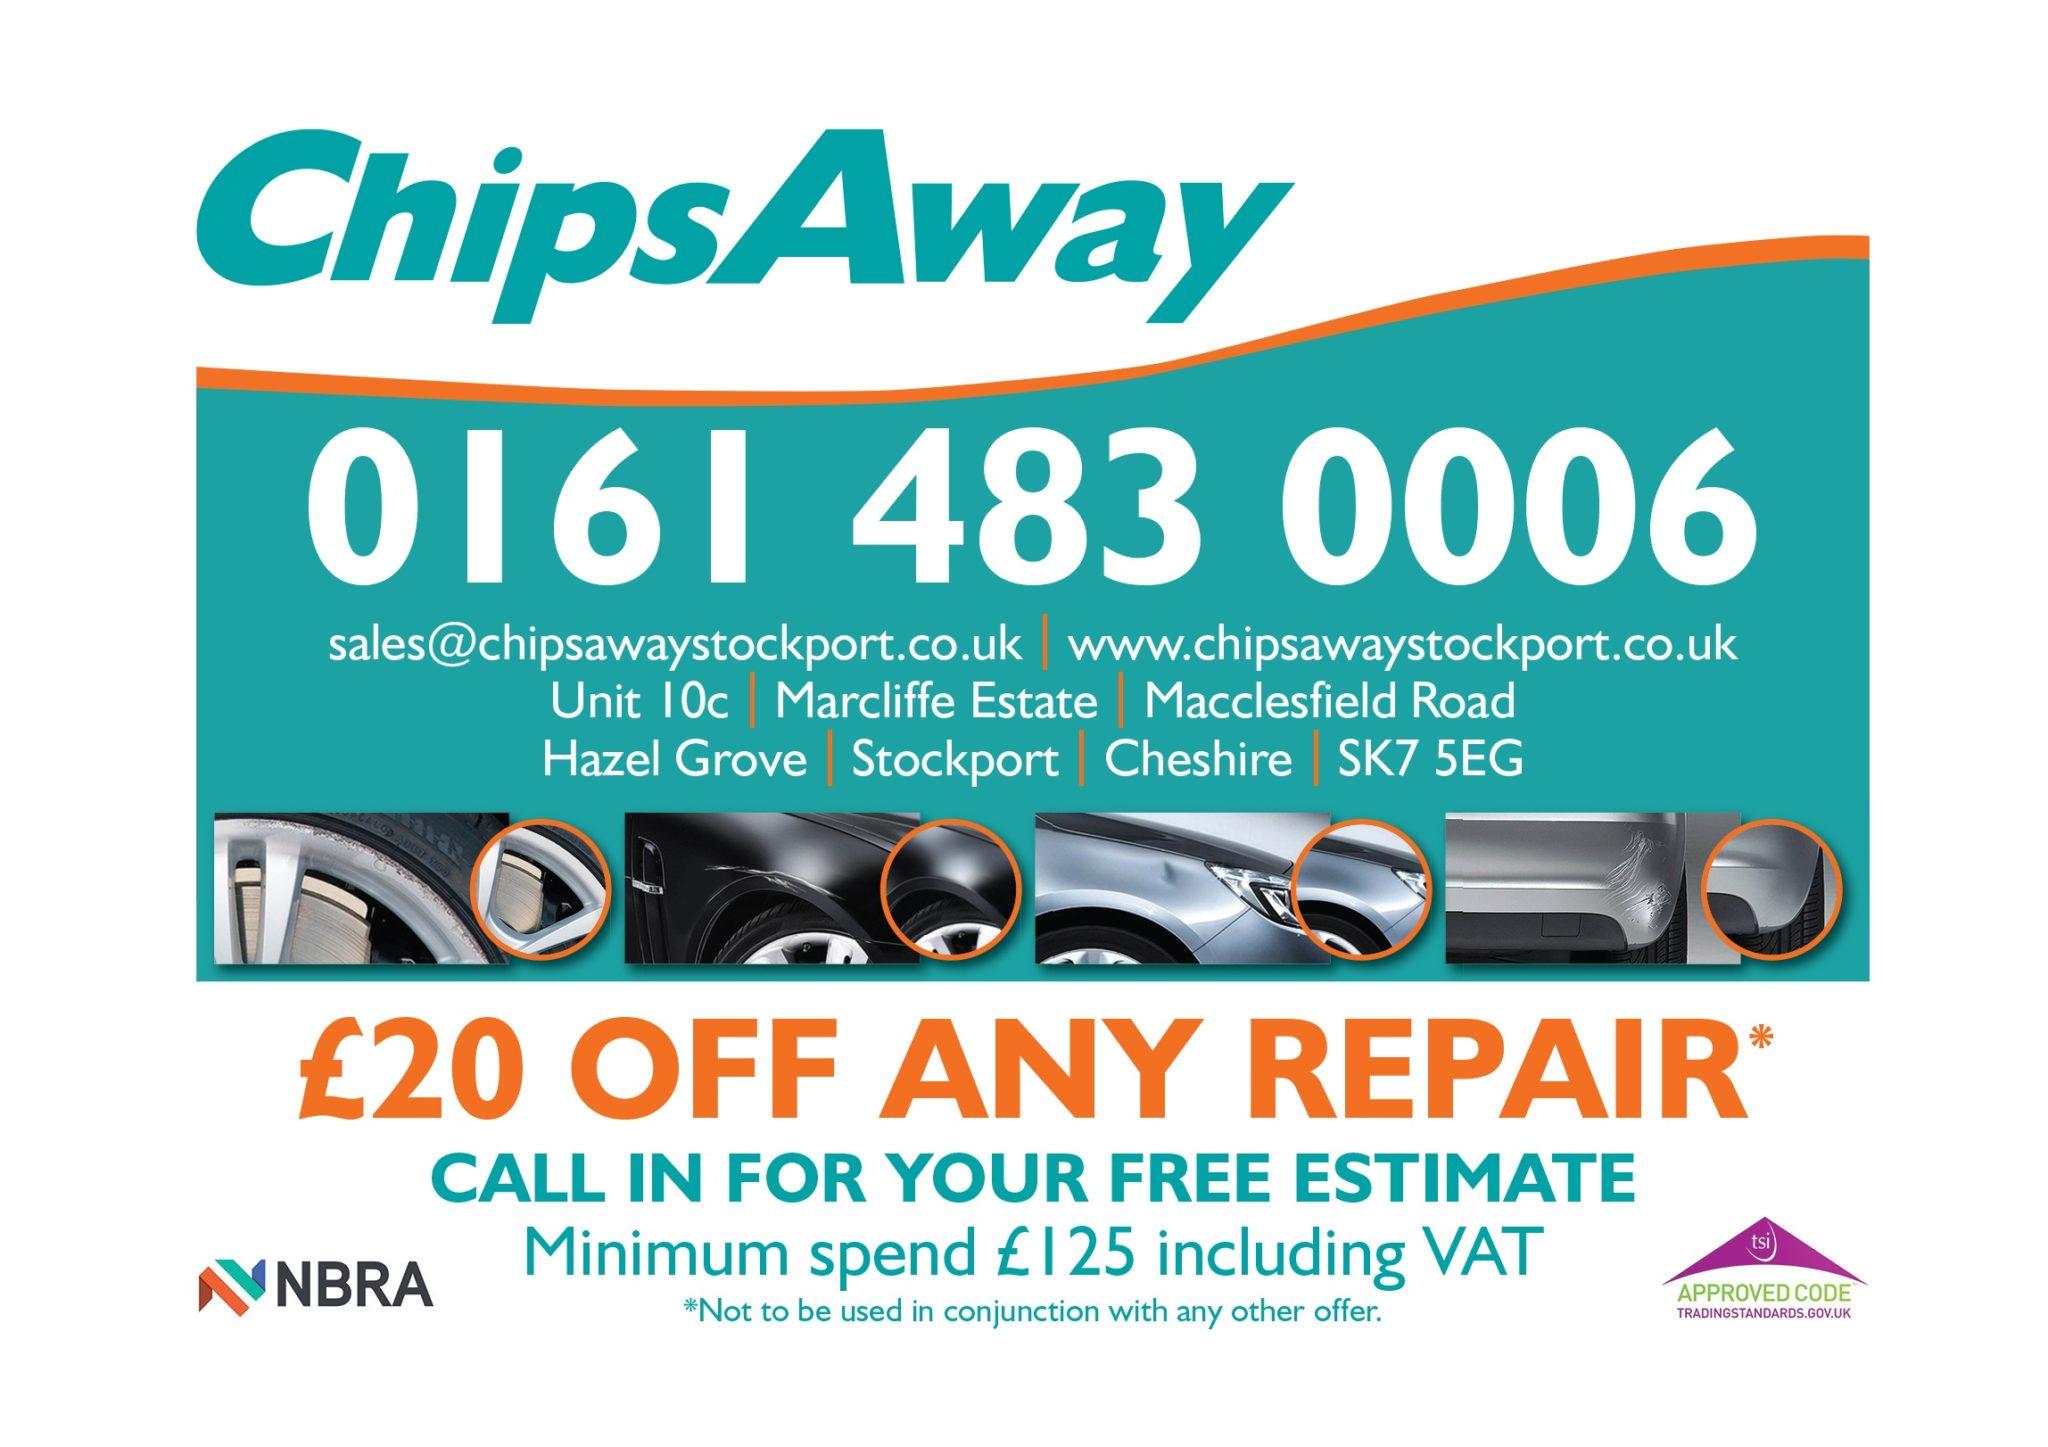 Chips Away Offer June 2016